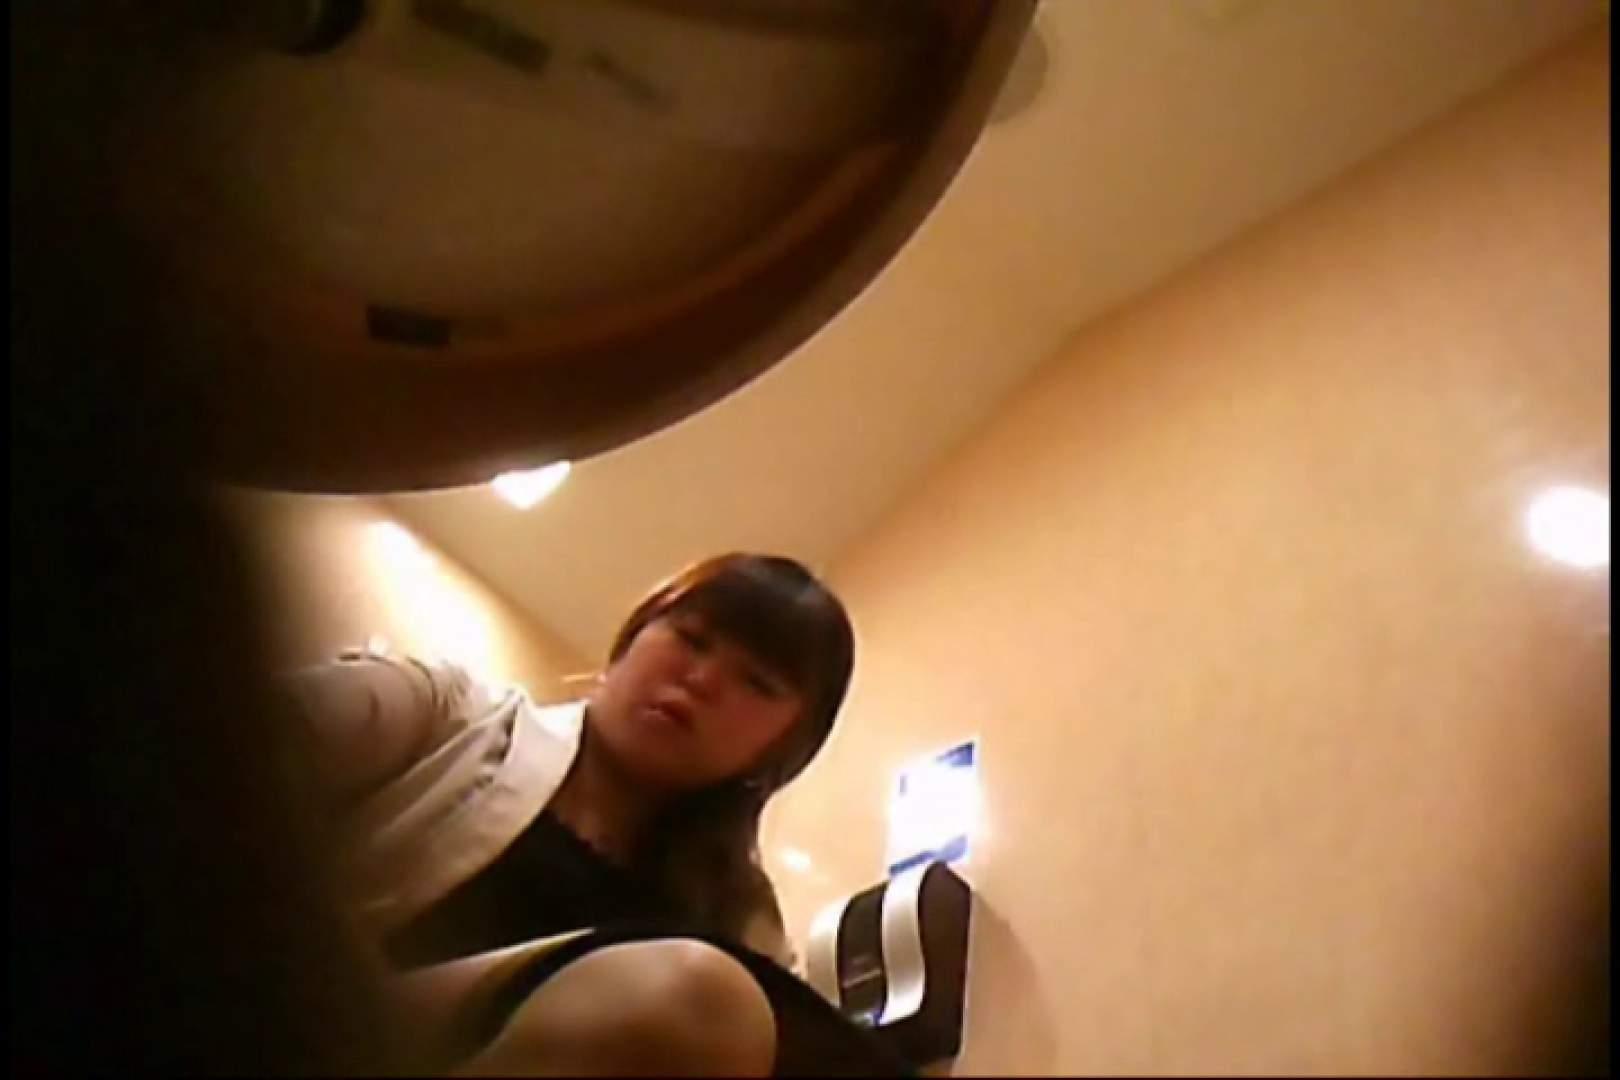 潜入!!女子化粧室盗撮~絶対見られたくない時間~vo,27 潜入 のぞき動画画像 65画像 27